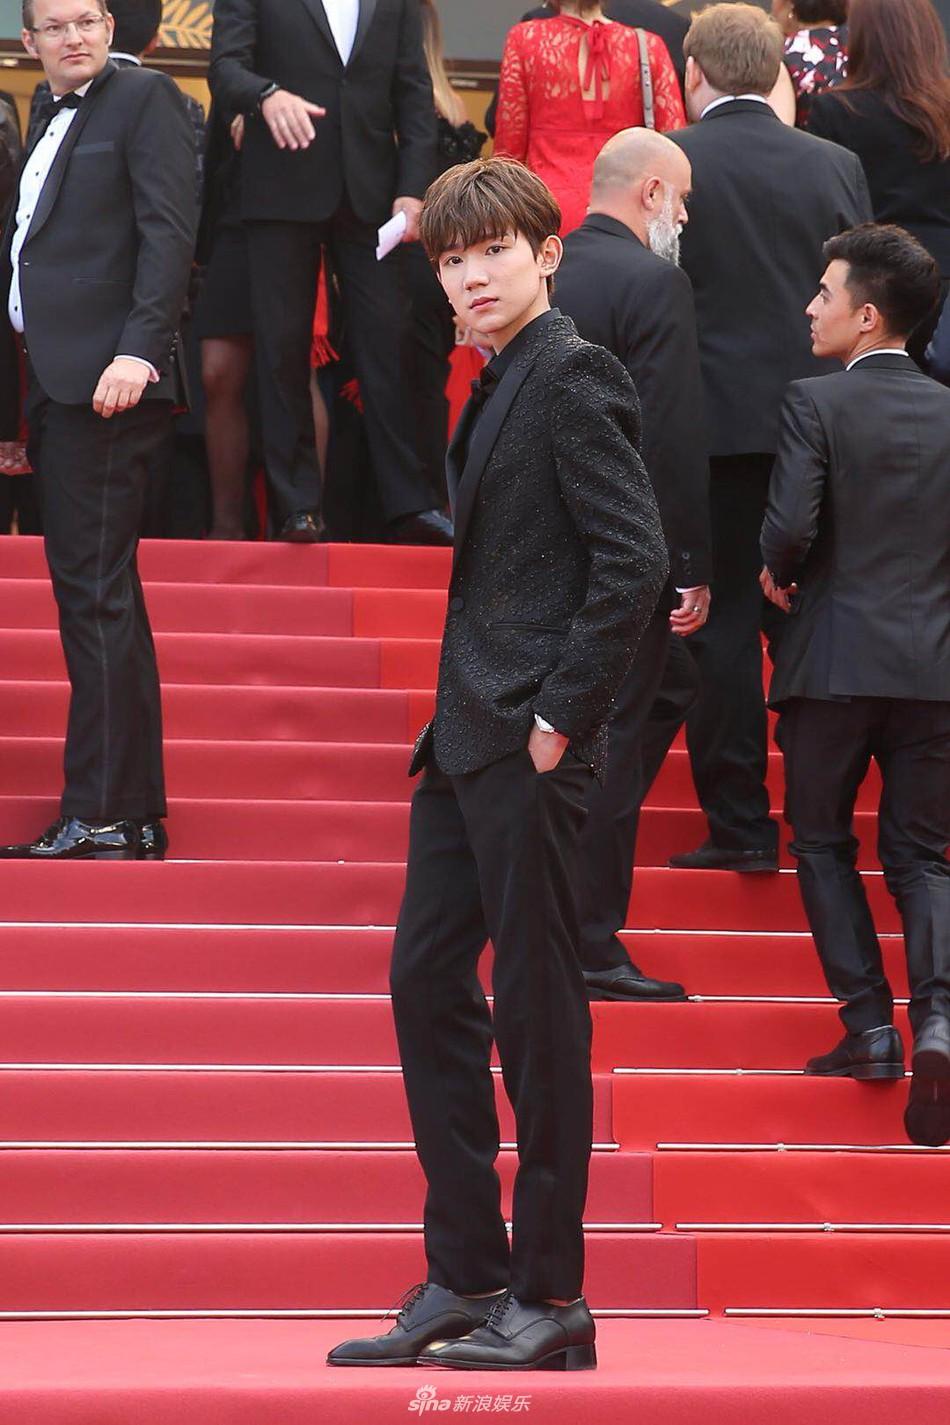 Mỹ nam Vương Nguyên TFboys lần đầu tới Cannes, hớn hở chụp ảnh chung cùng bạn trai Taylor Swift - Ảnh 12.